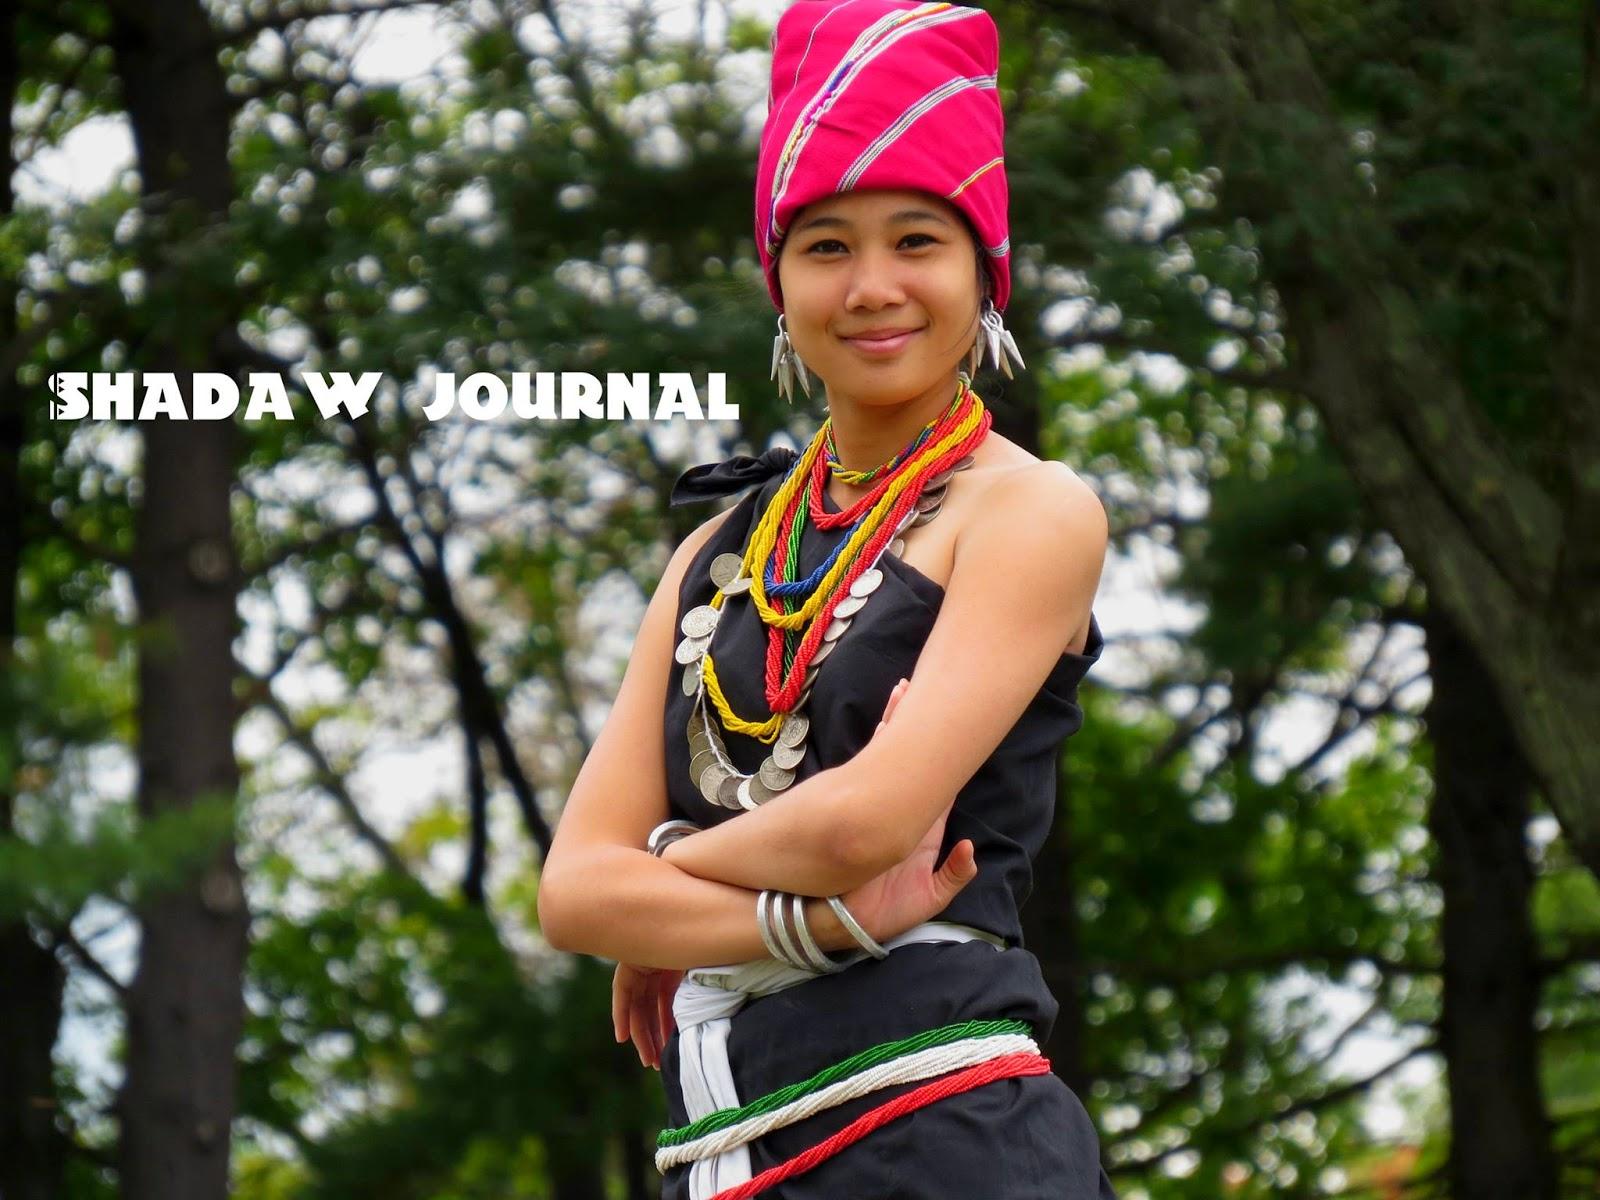 Karenni Fashion -  karenni girl fashion Christina MT Meh (www.shadaw.net)